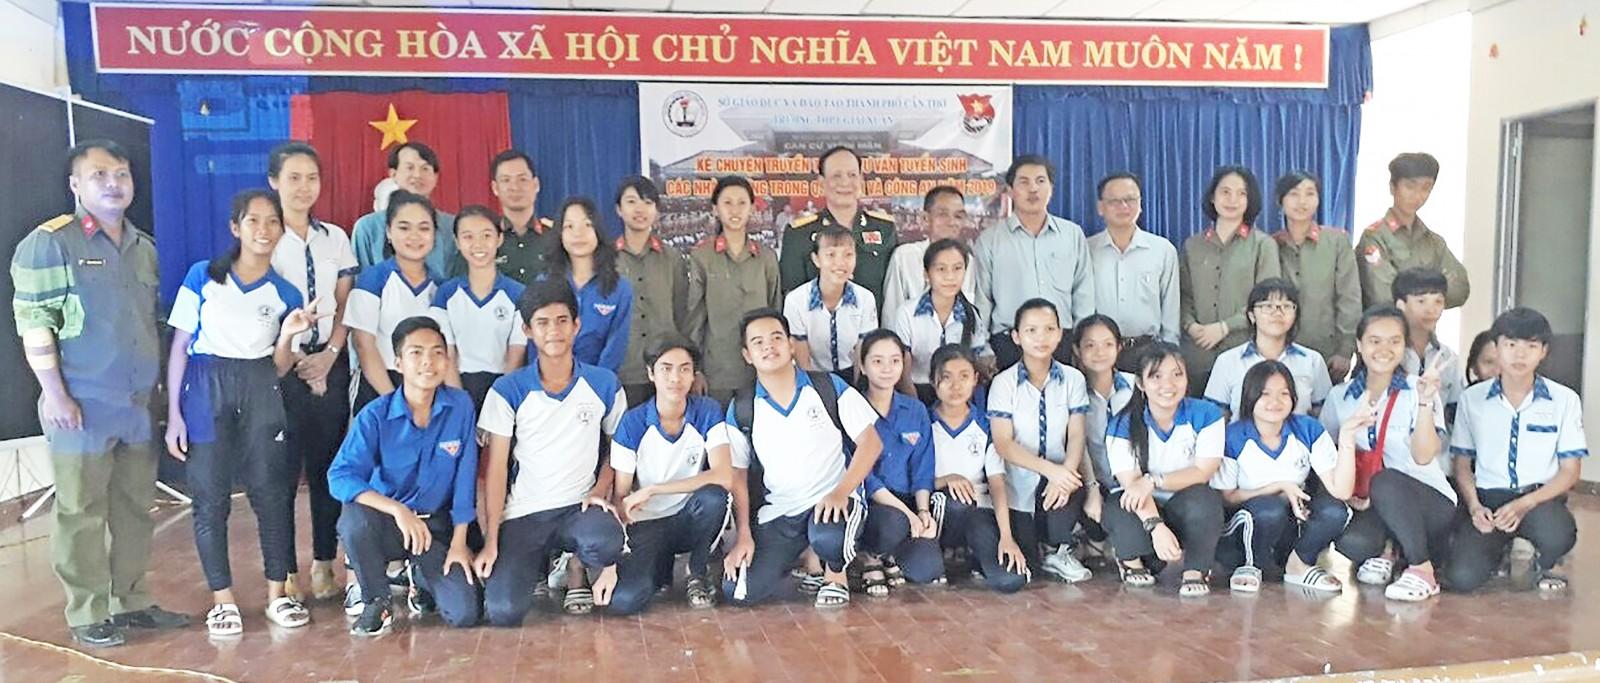 Tư vấn tuyển sinh Quân sự ở Trường THPT Giai Xuân, huyện Phong Điền. Ảnh: PHẠM TRUNG